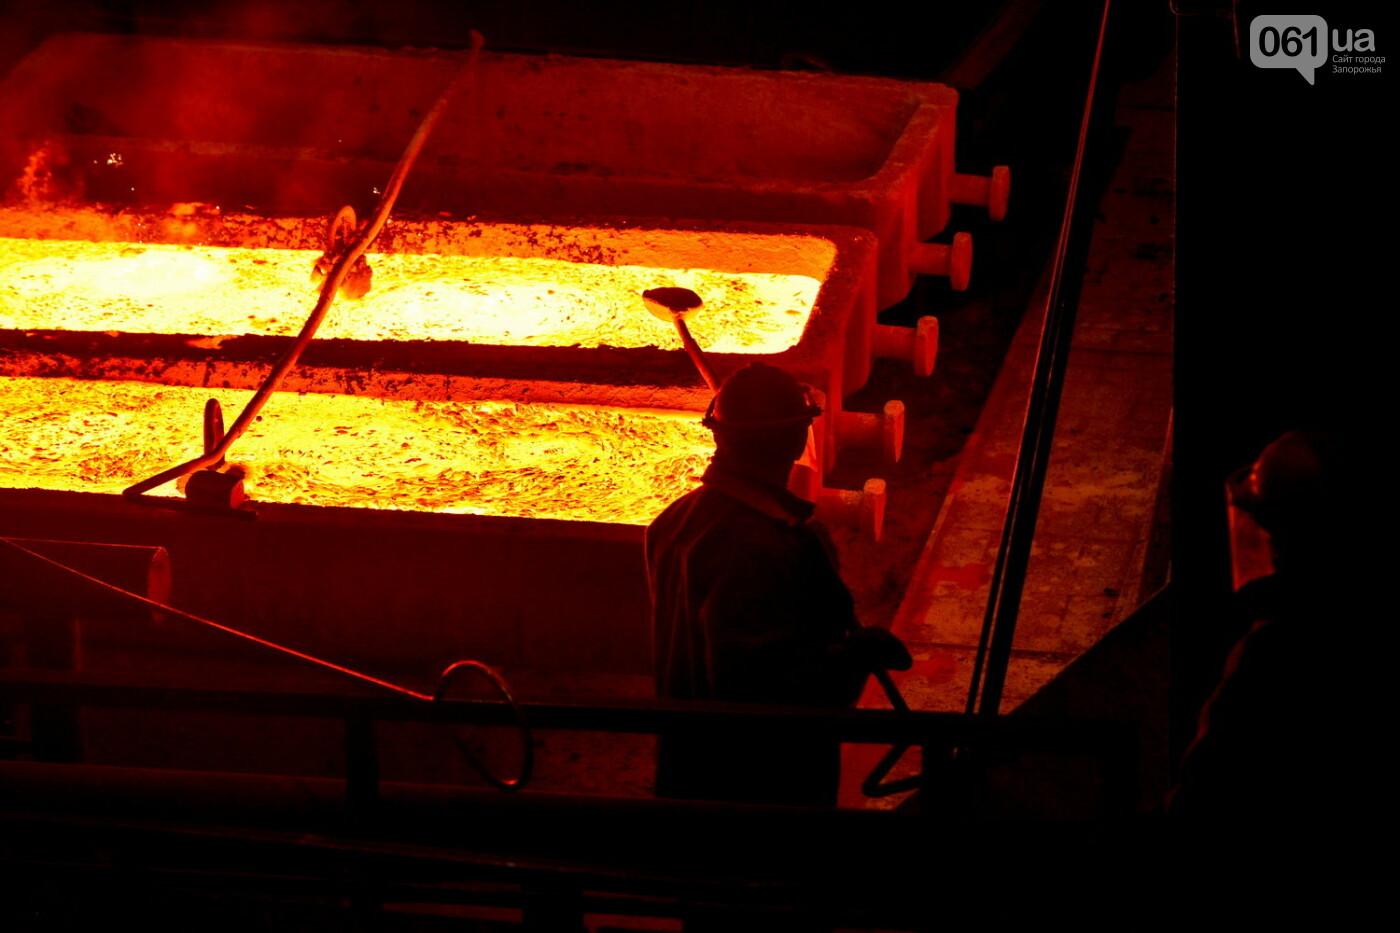 Как руду превращают в ферросплавы: экскурсия на производство, – ФОТОРЕПОРТАЖ, фото-54